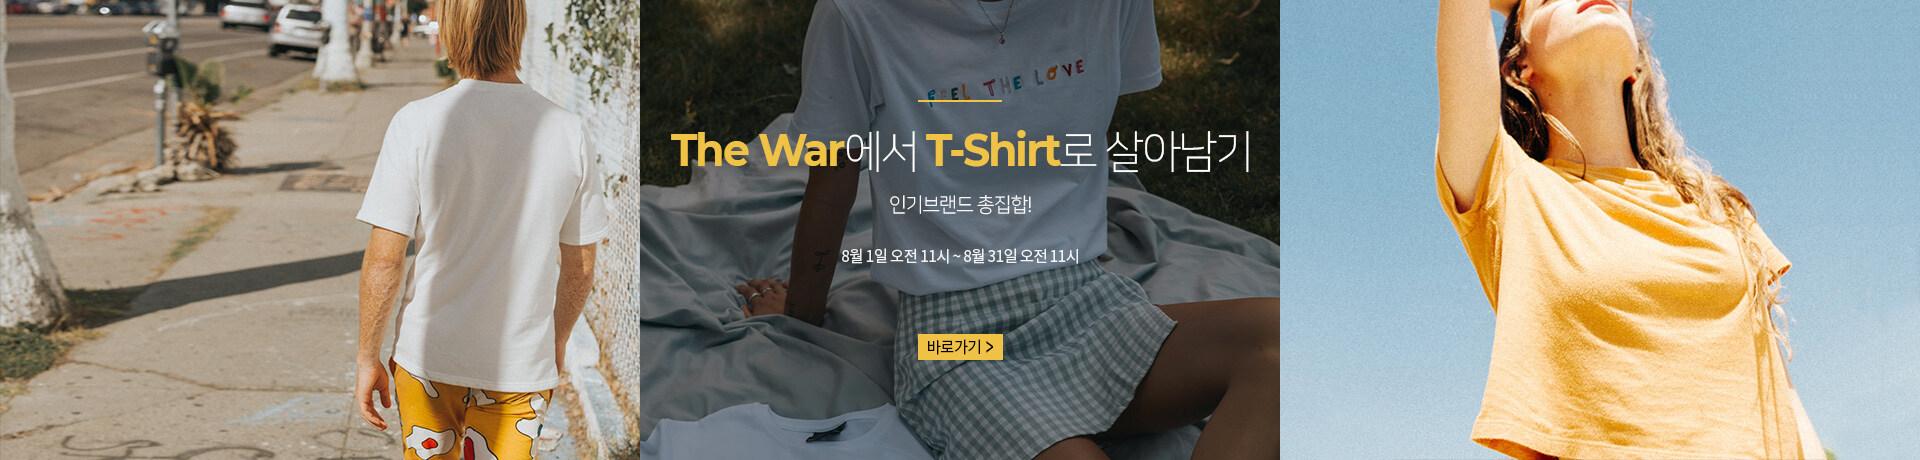 200801_sy_thewar-tshirt_pc-_efc246